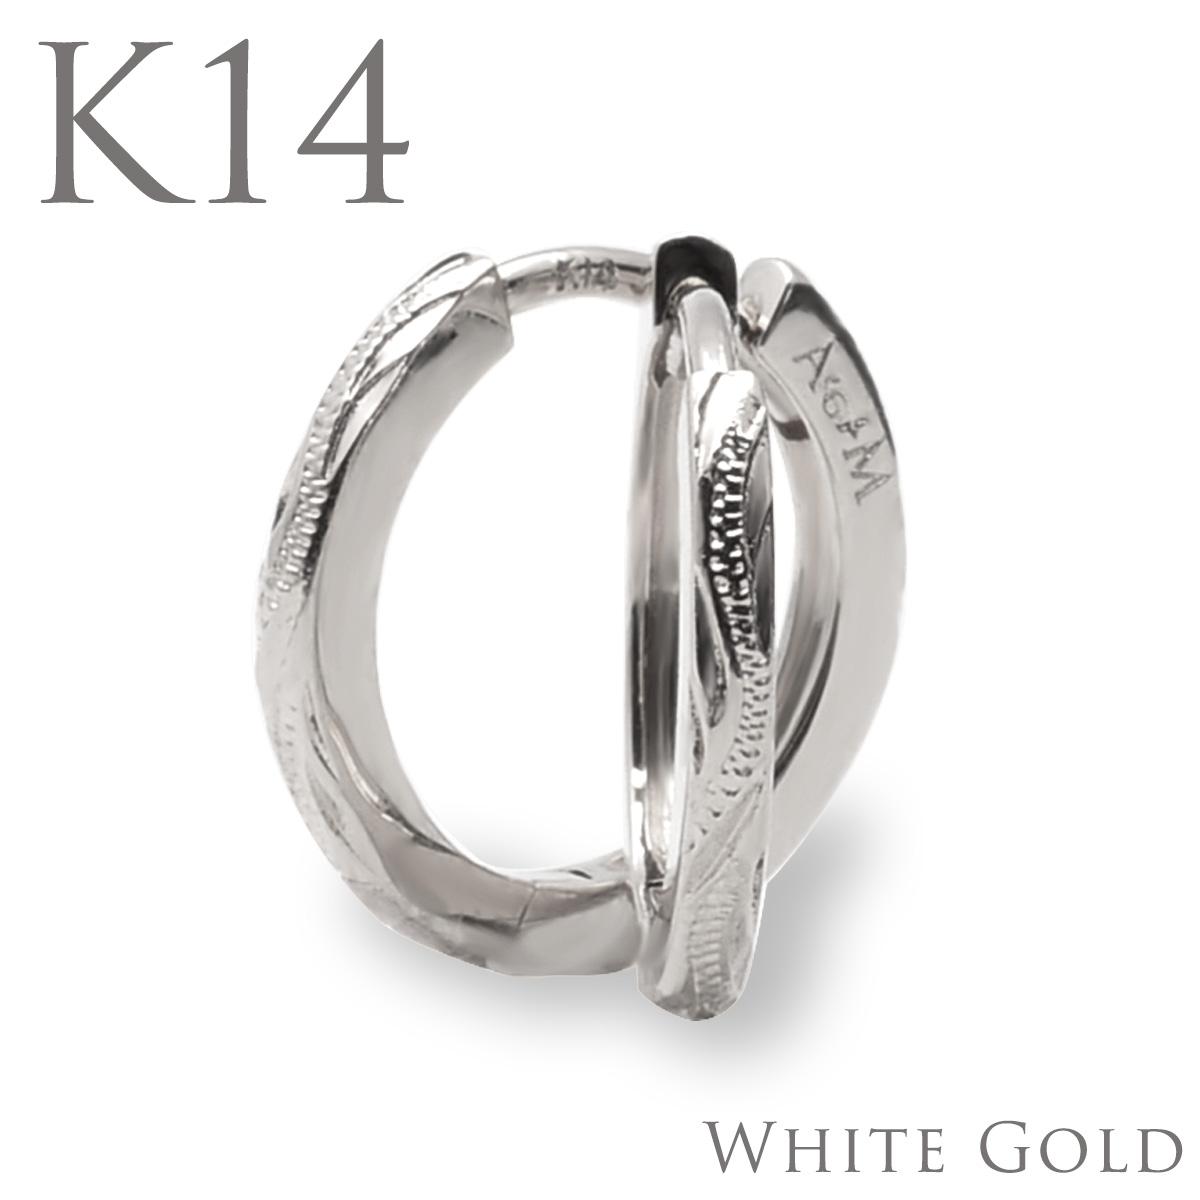 ハワイアンジュエリー ピアス 14金 フープ ピアス アクセサリー スクロール・フープピアス (K14 14金 ホワイトゴールド)aer1082gape